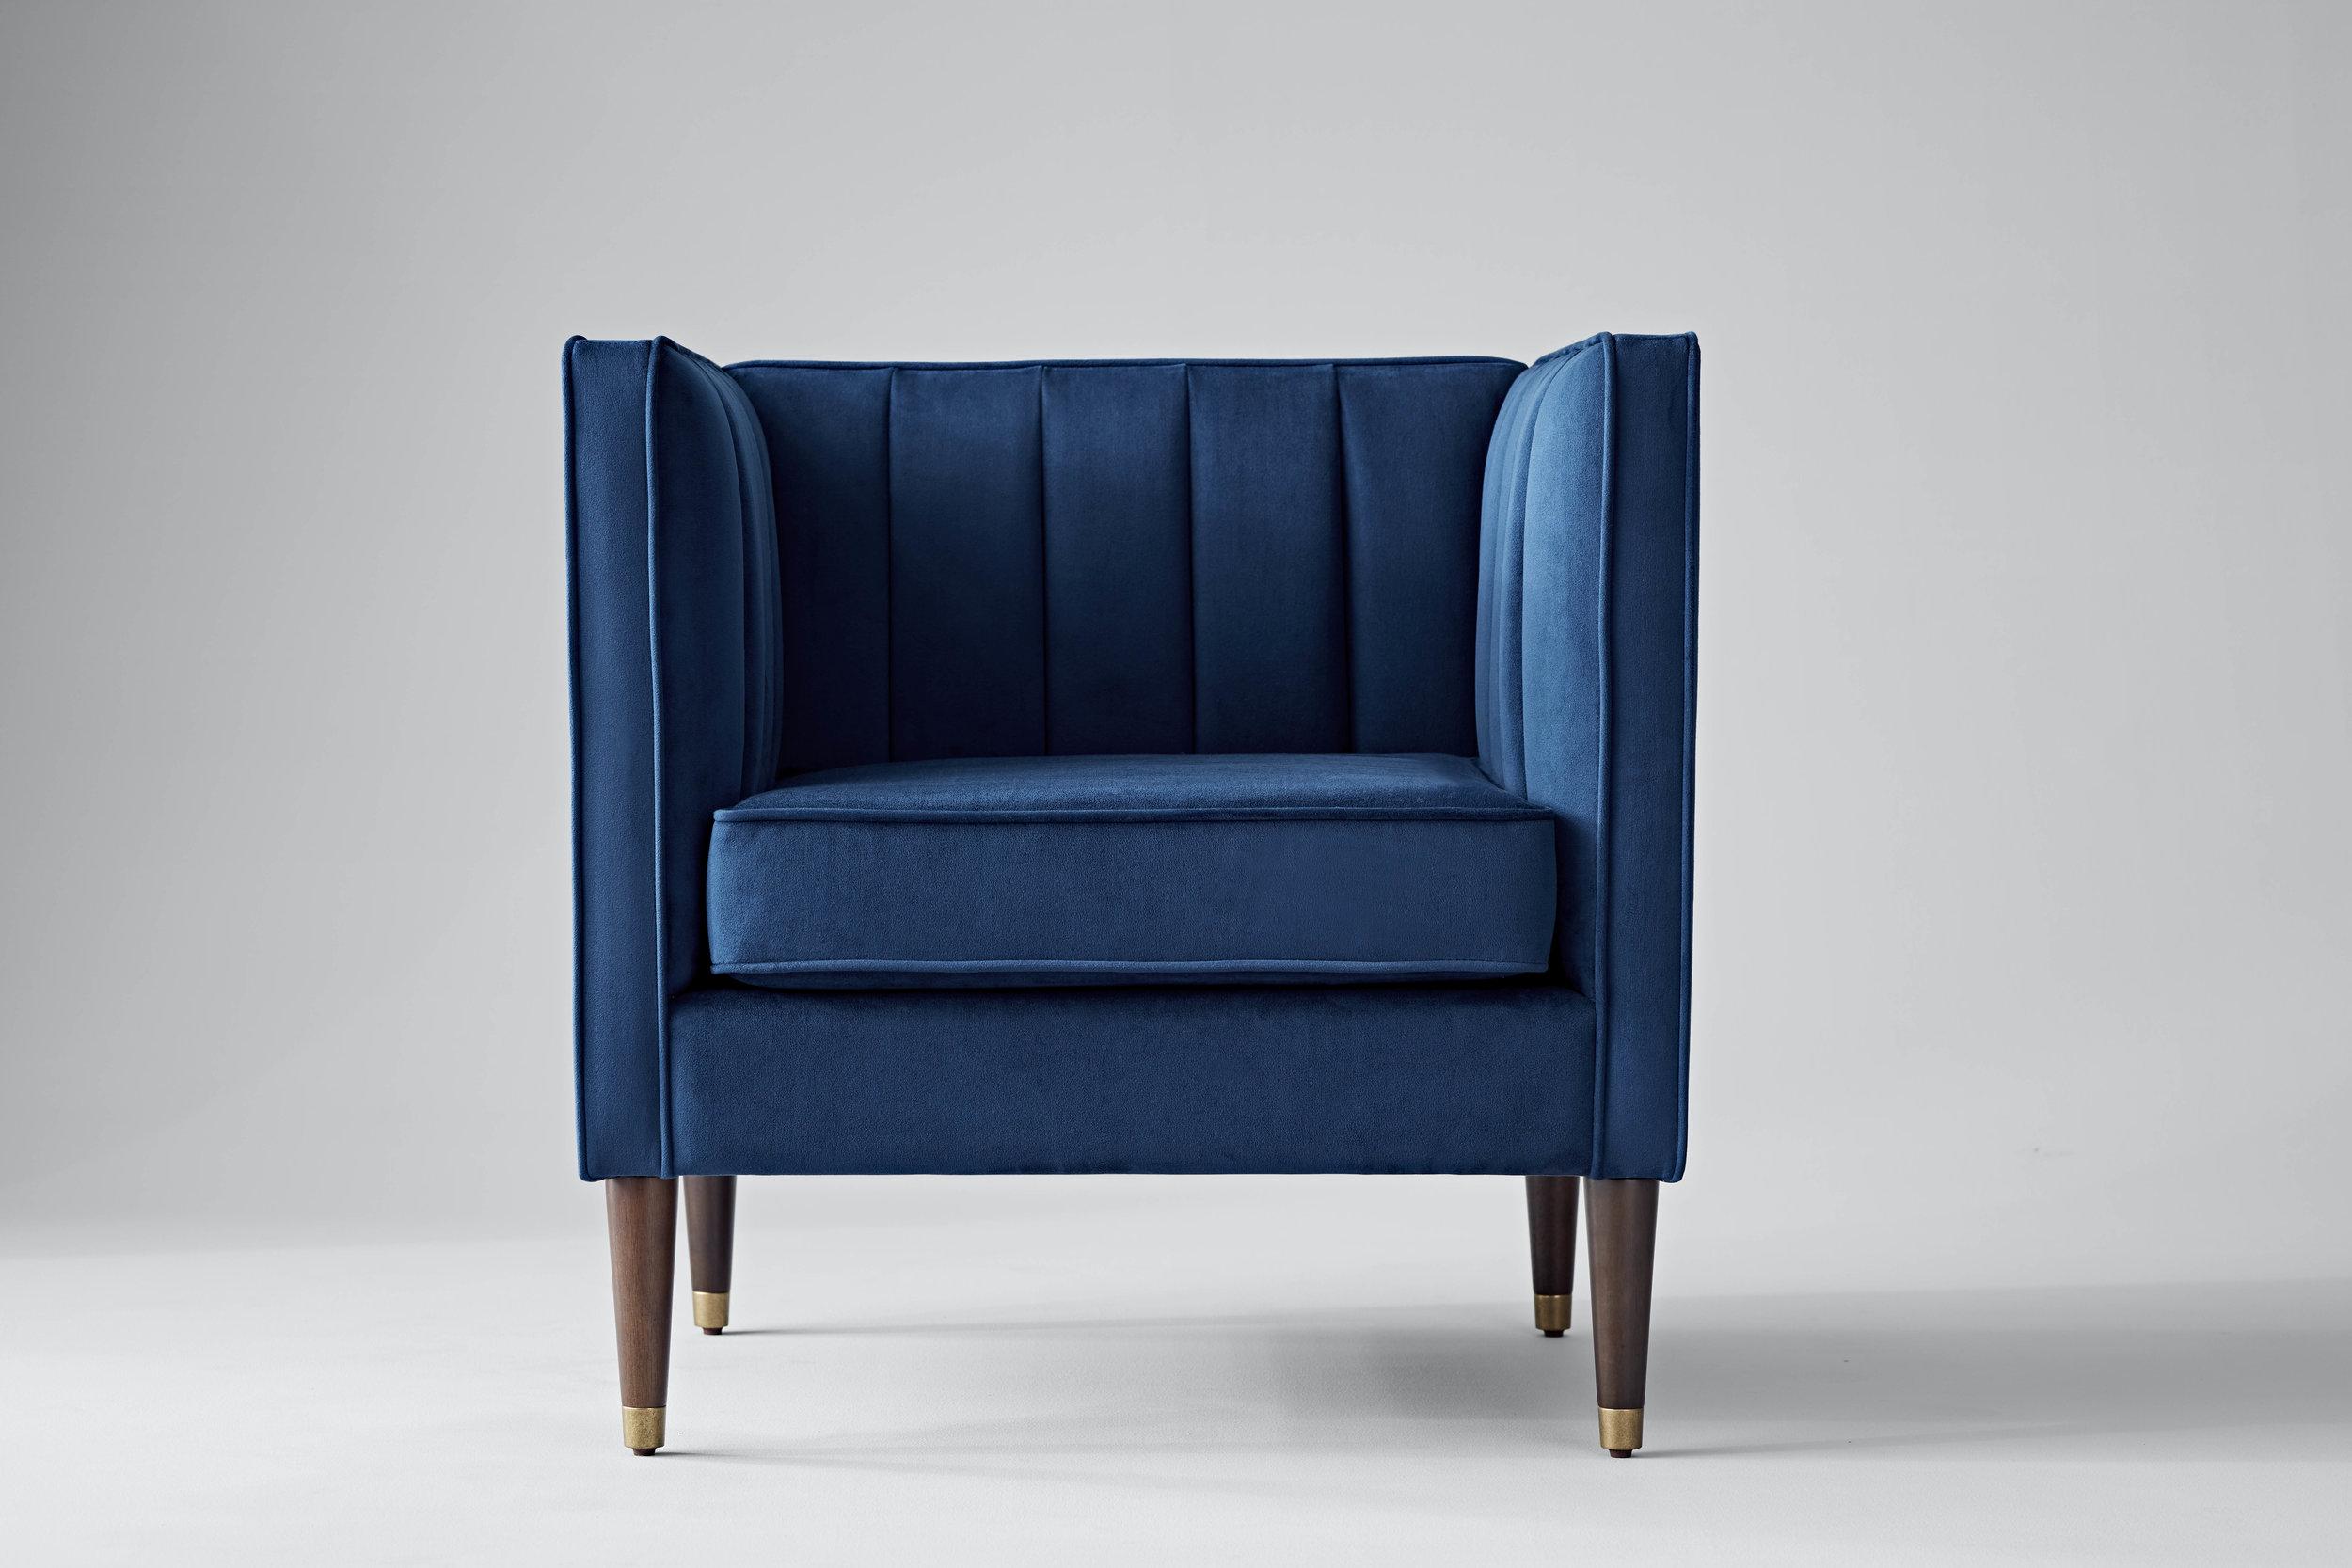 p62_colbalt_chair.jpg